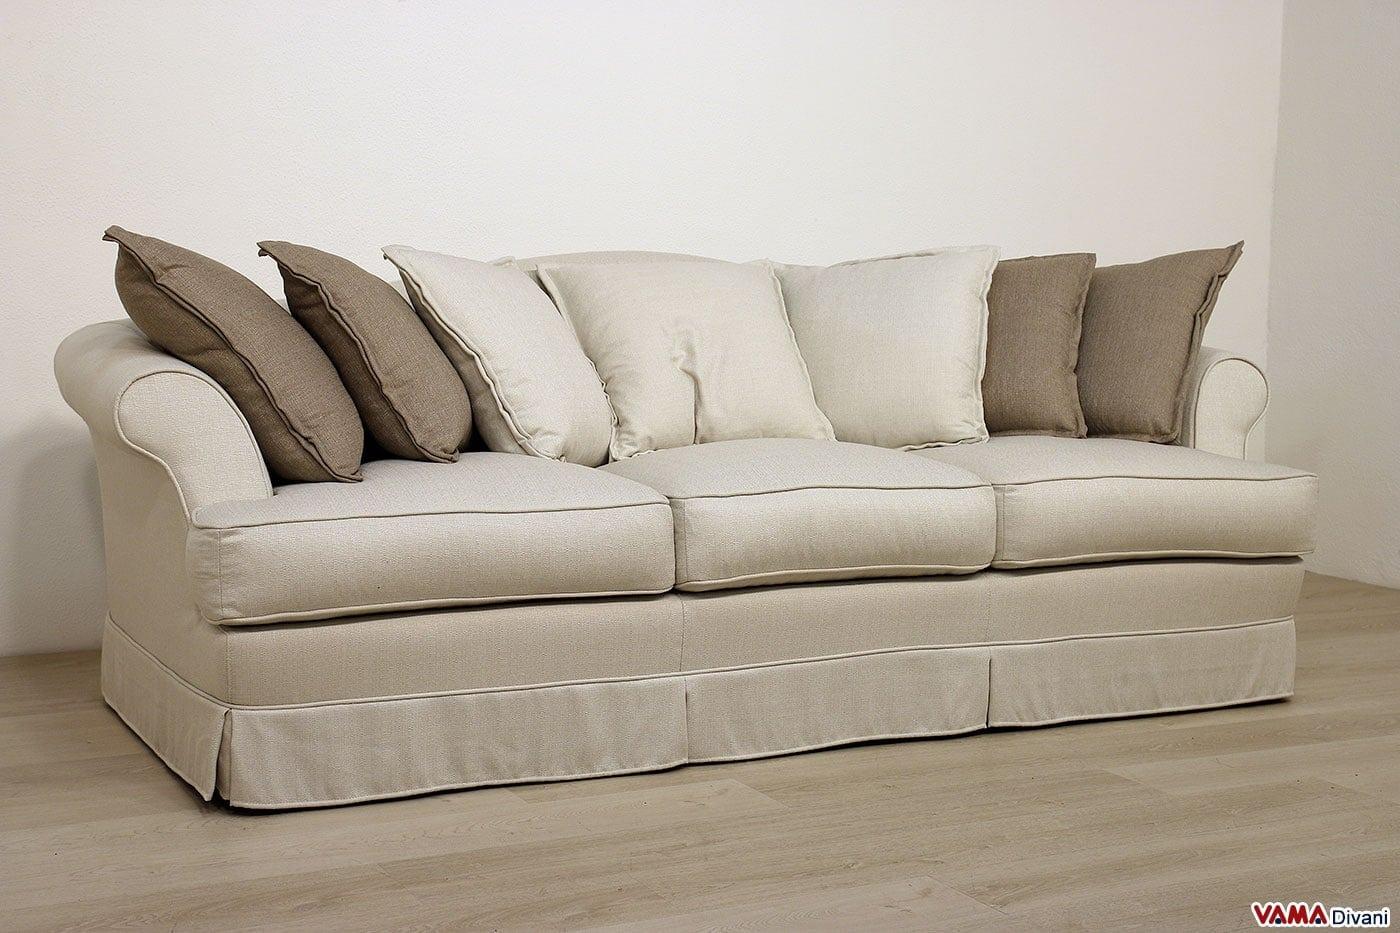 Divani su misura on line richiedi un preventivo gratuito - Cuscini divano on line ...